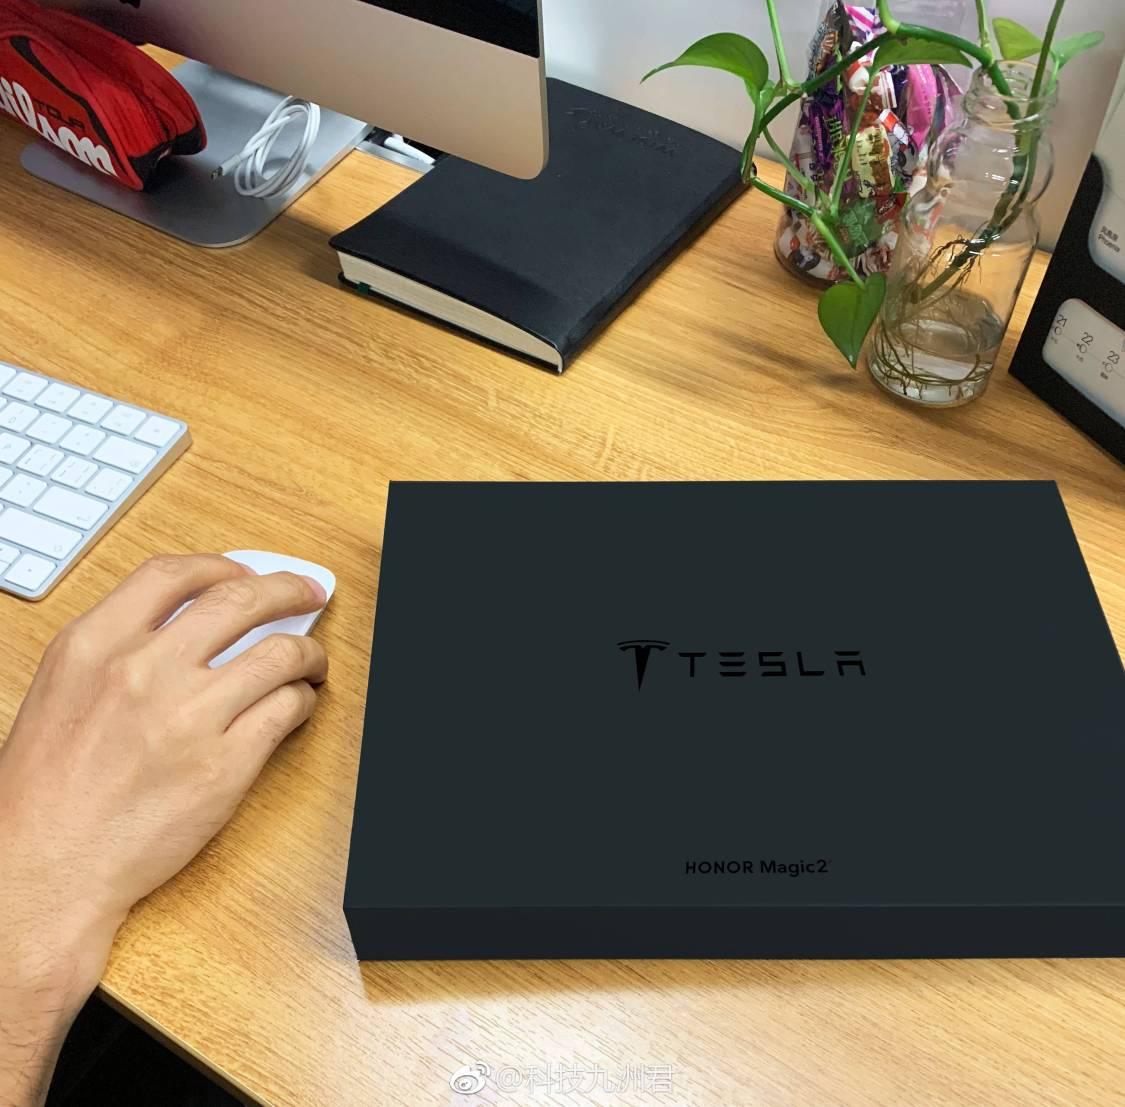 Tesla-mobilen ser ut att vara på ingång